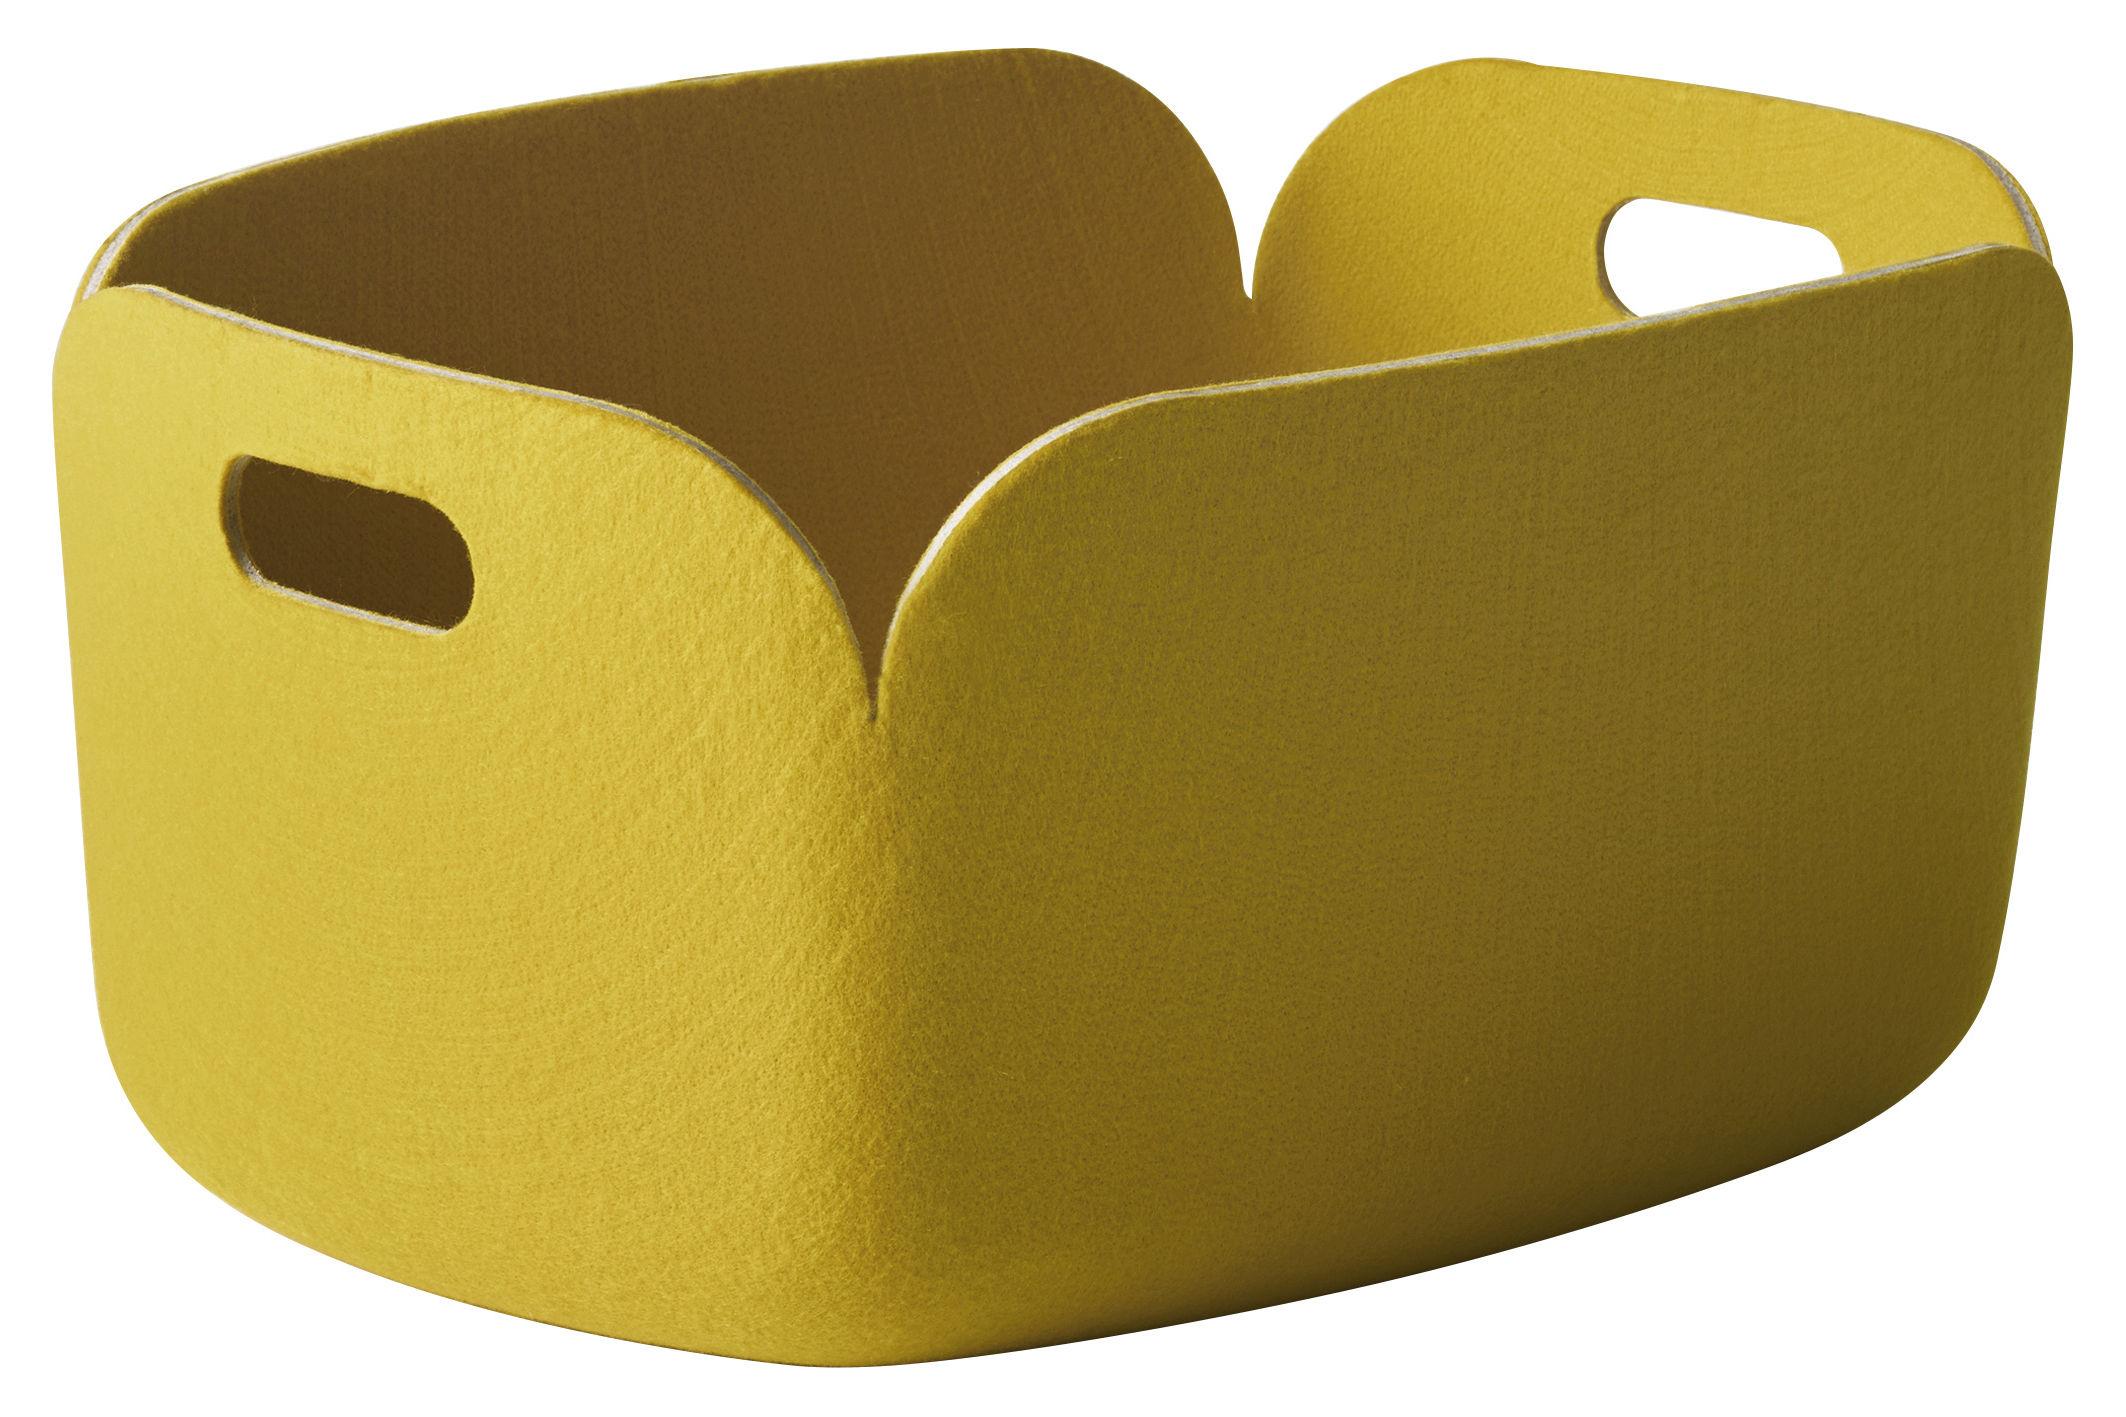 Interni - Contenitori e Cesti - Cestino Restore - 100% riciclato di Muuto - Giallo - Feltro riciclato